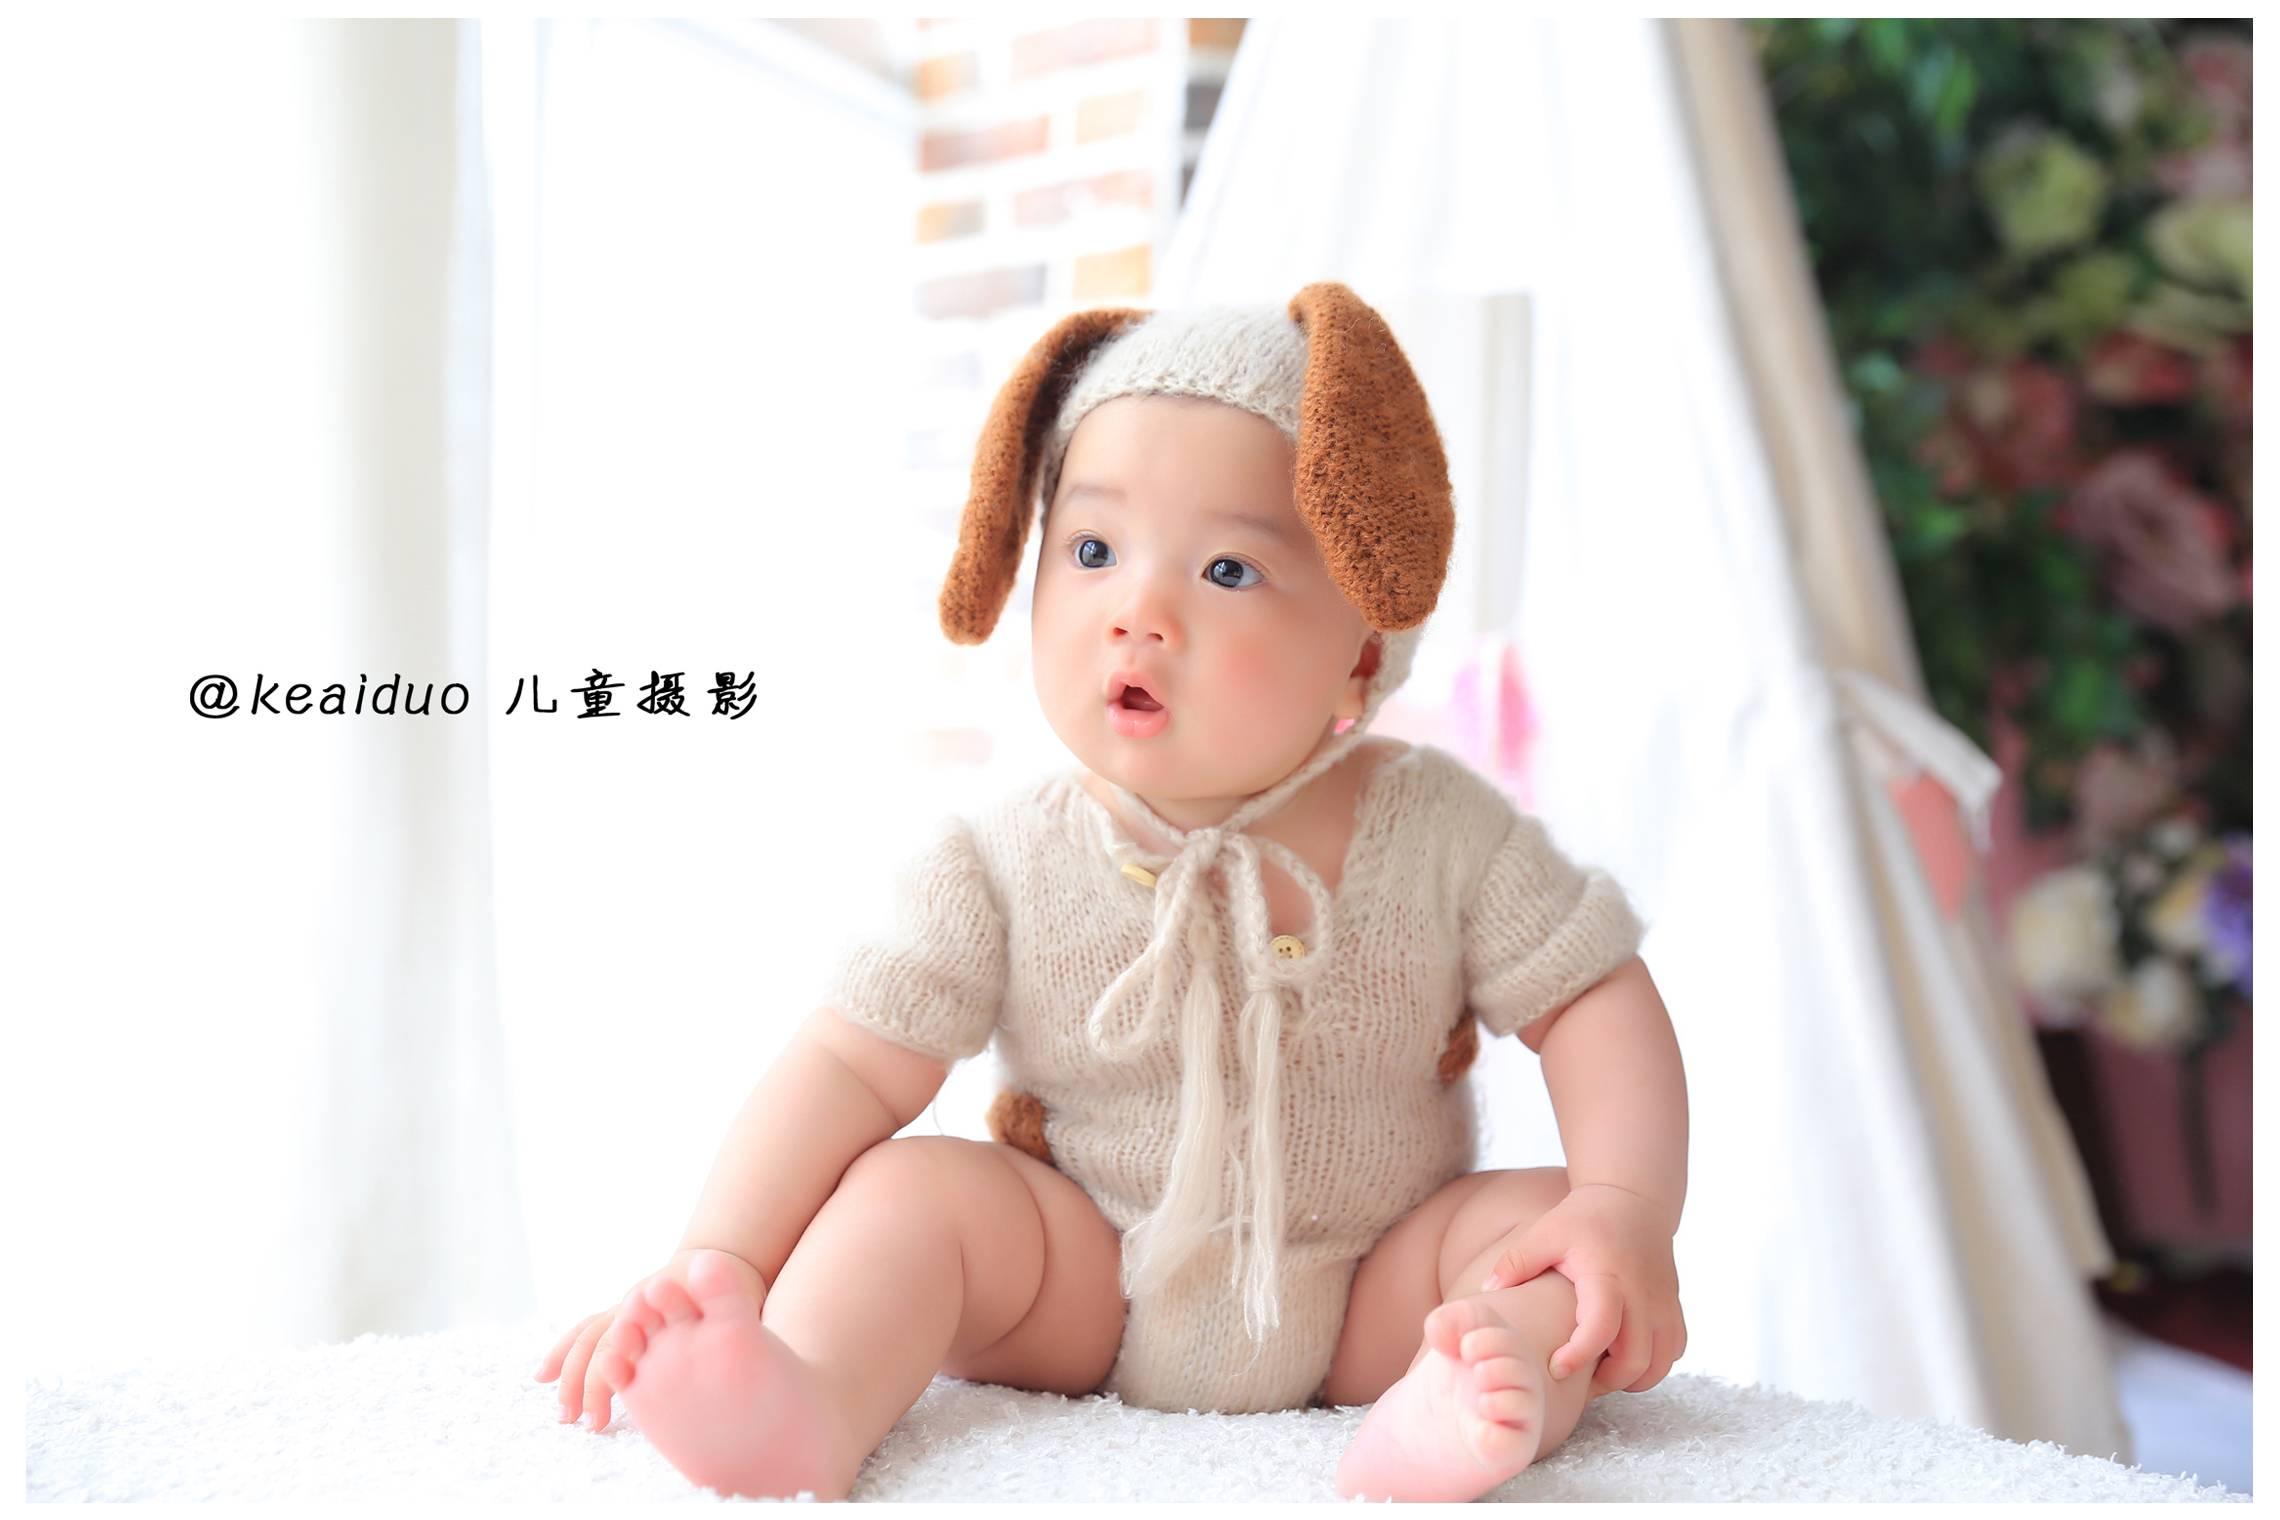 可爱多宝宝百天照技巧_可爱多儿童摄影_新浪博客